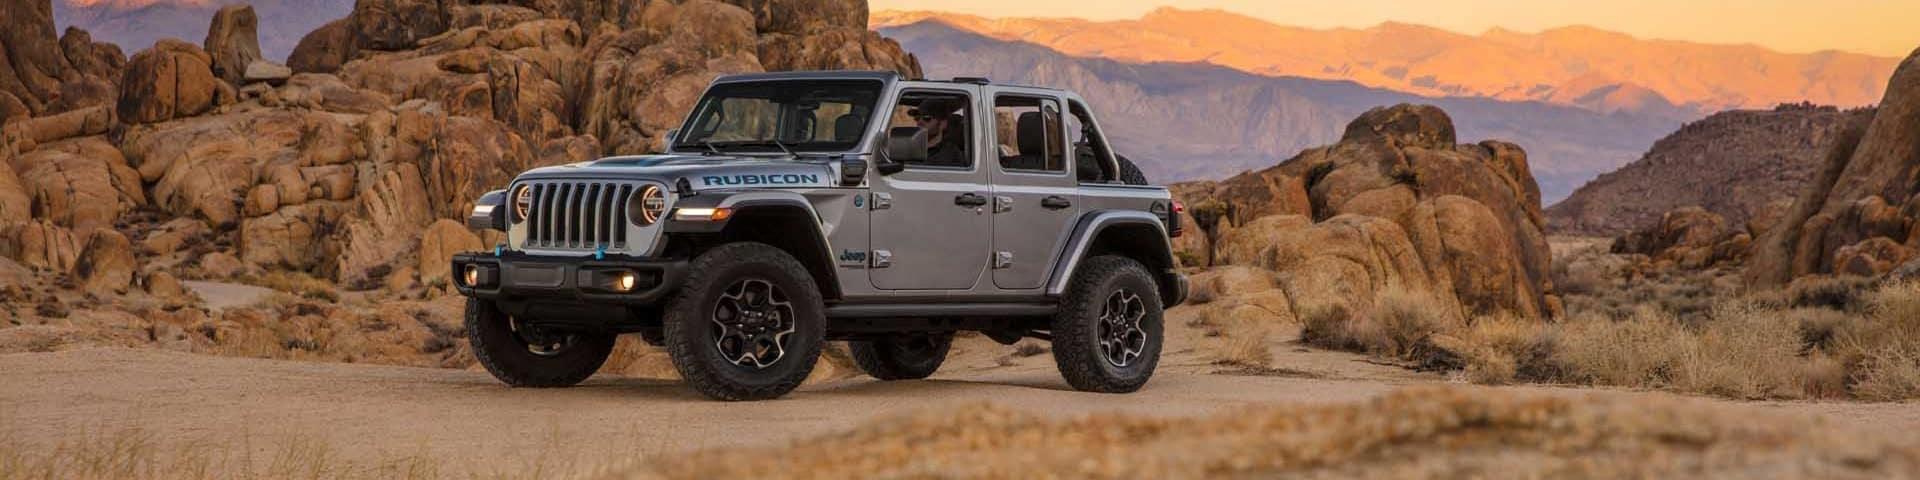 2021 Jeep Wrangler 4xe in OKC